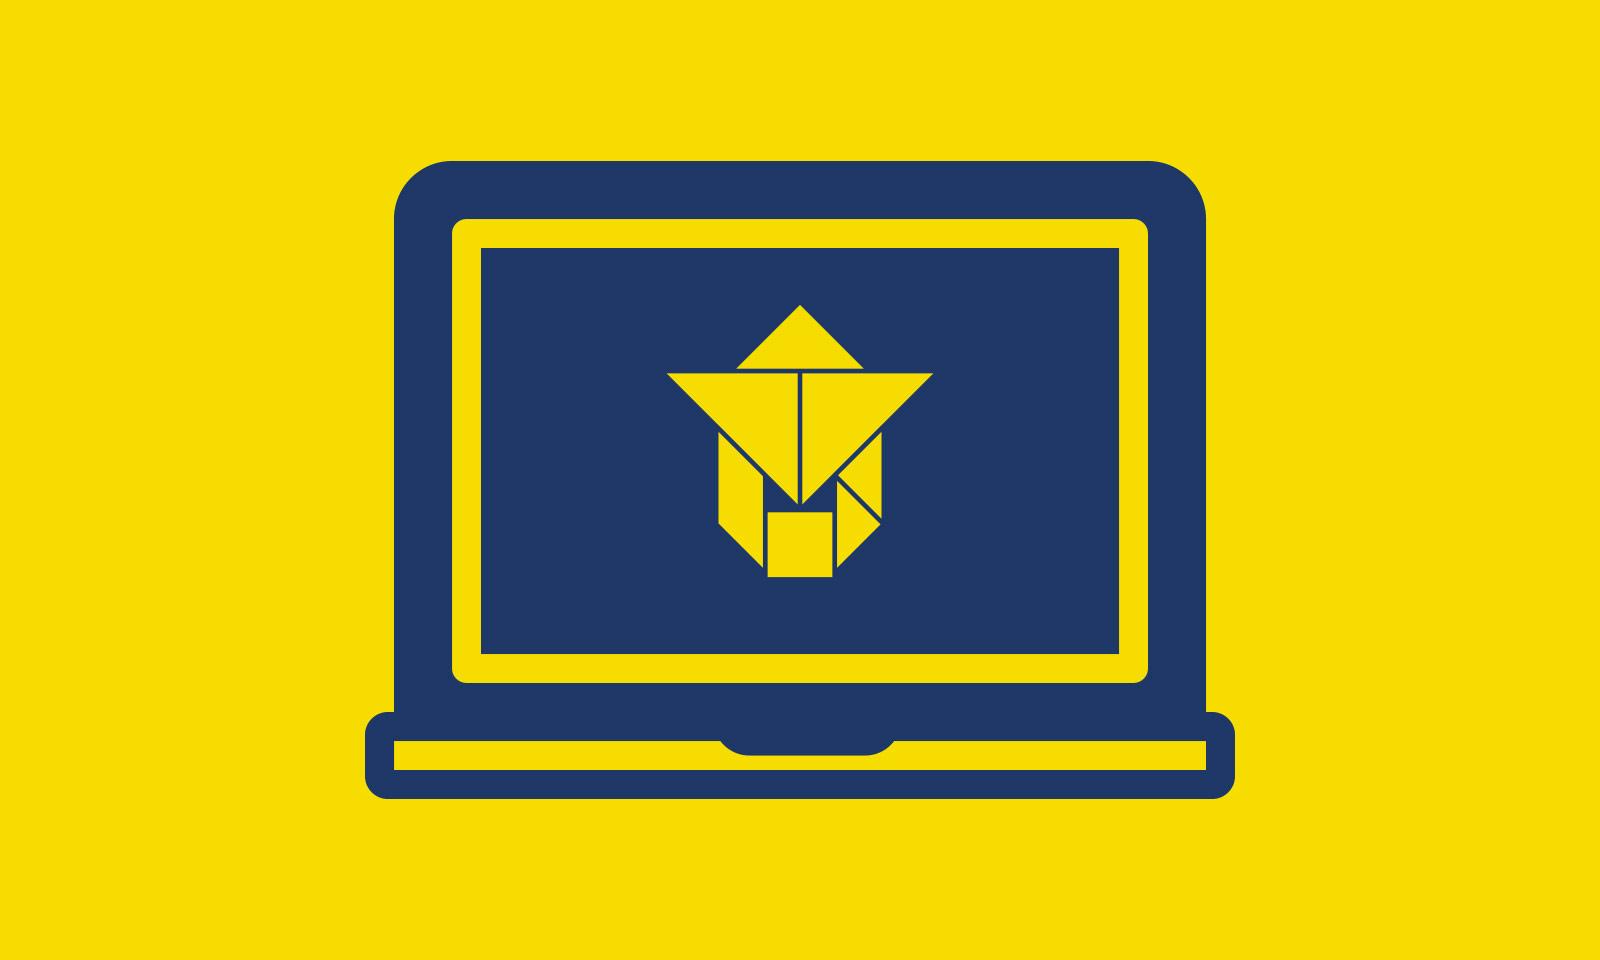 DataArt запустил игровую платформу самопроверки знаний для IT-специалистов - 1